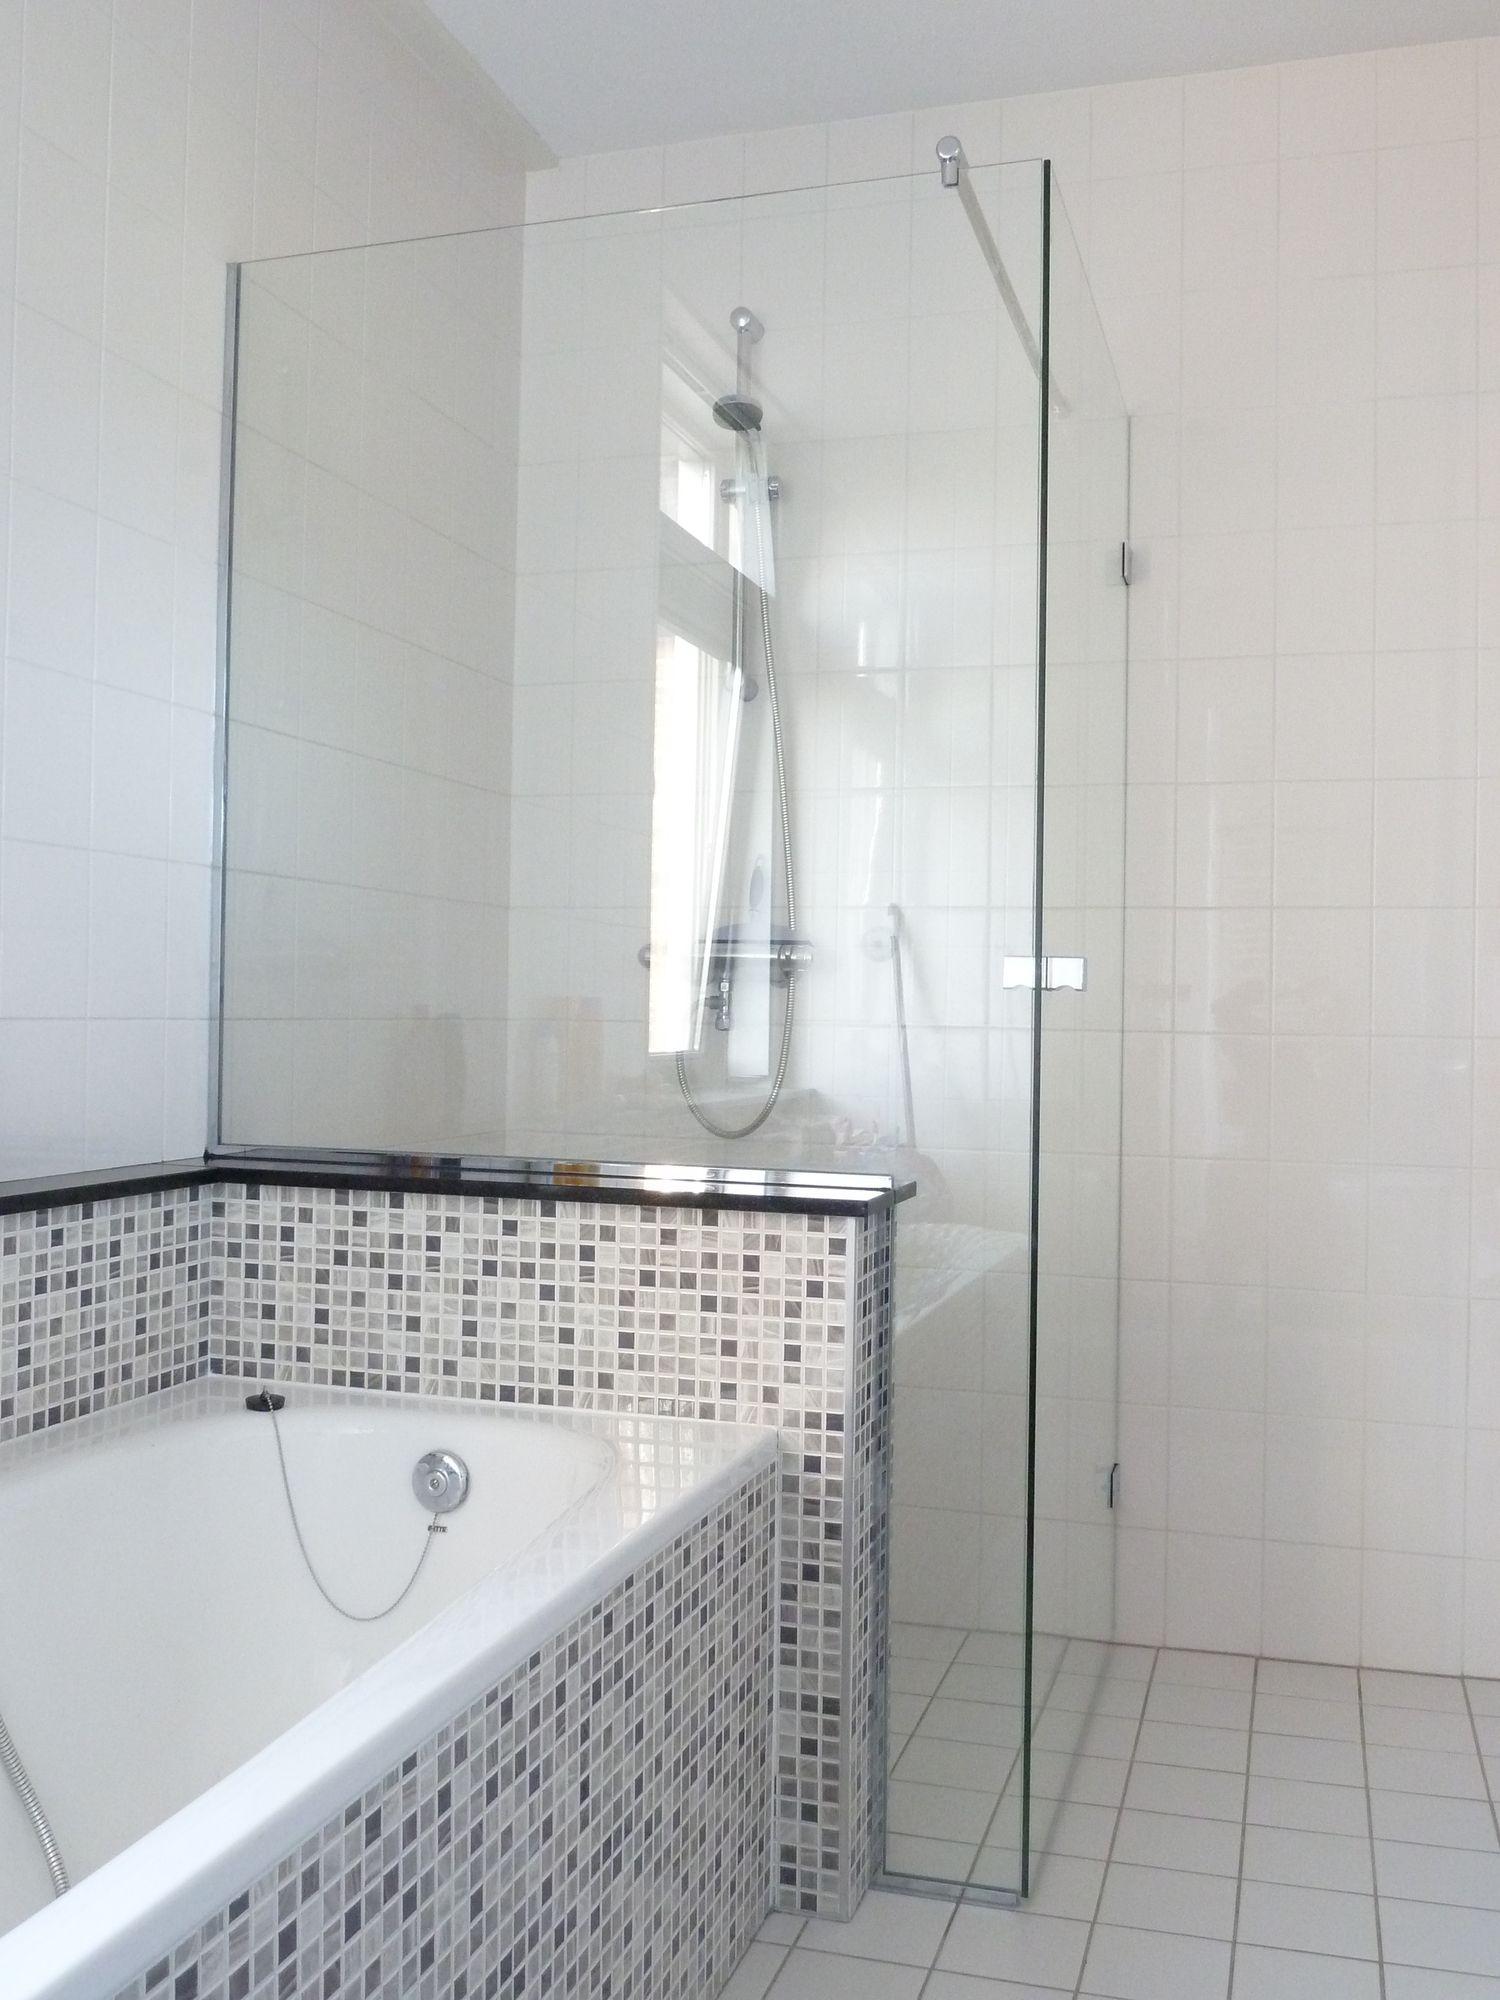 Acryl Douchewanden Op Maat.Afbeeldingsresultaat Voor Glazen Douchewand Op Maat Bathrooms